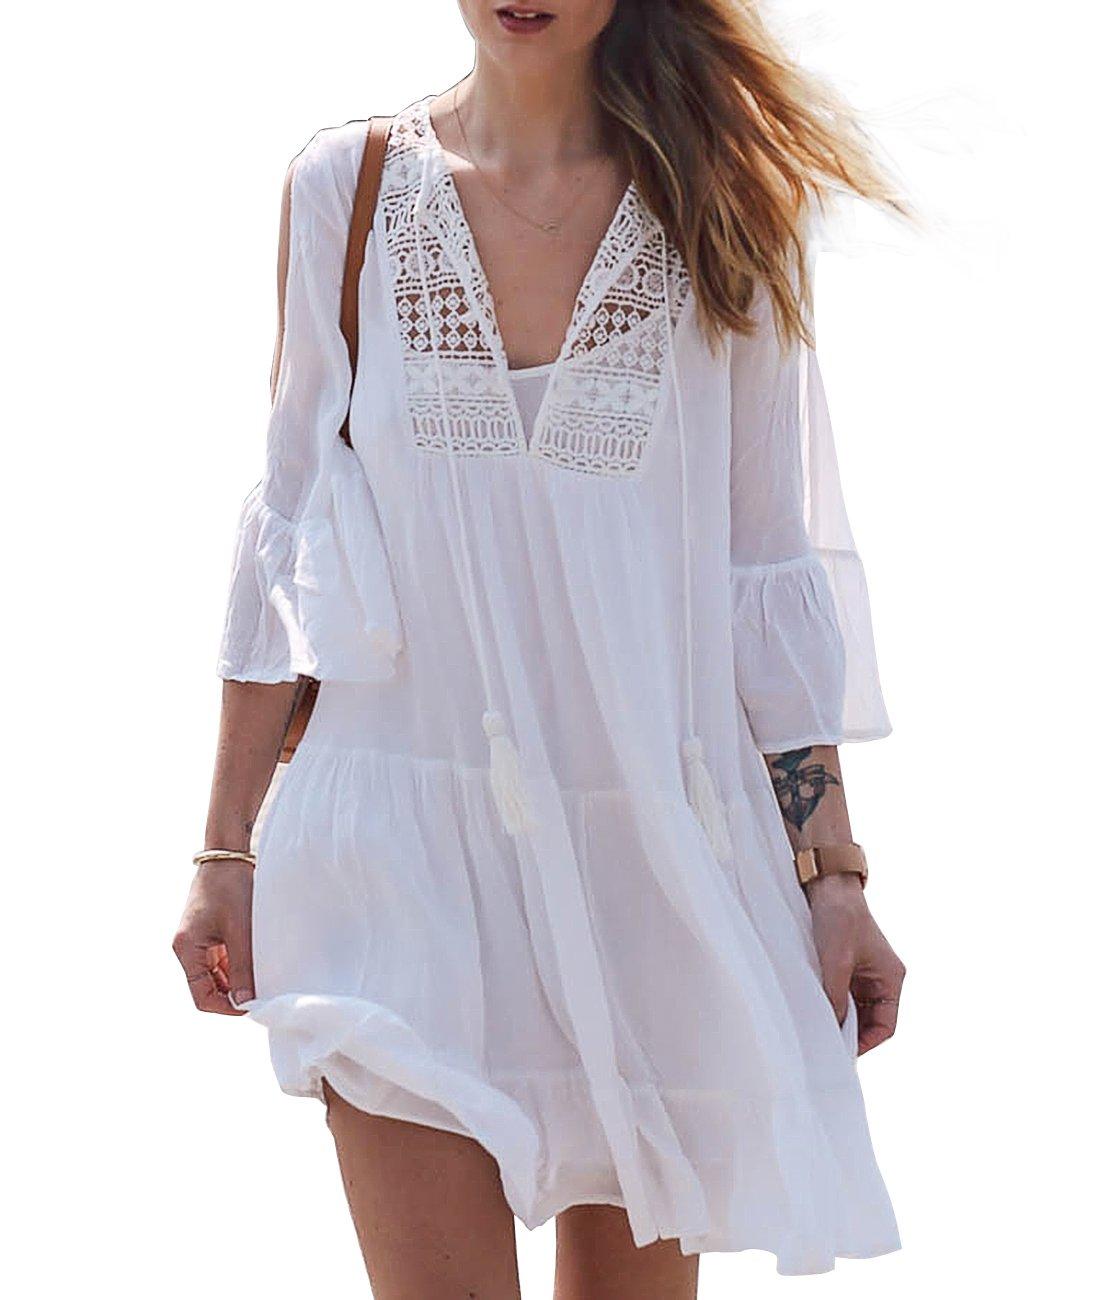 Sanifer Women Summer Beach Cover Up Dresses White Crochet Swimsuit Cover Up Beachwear (White)